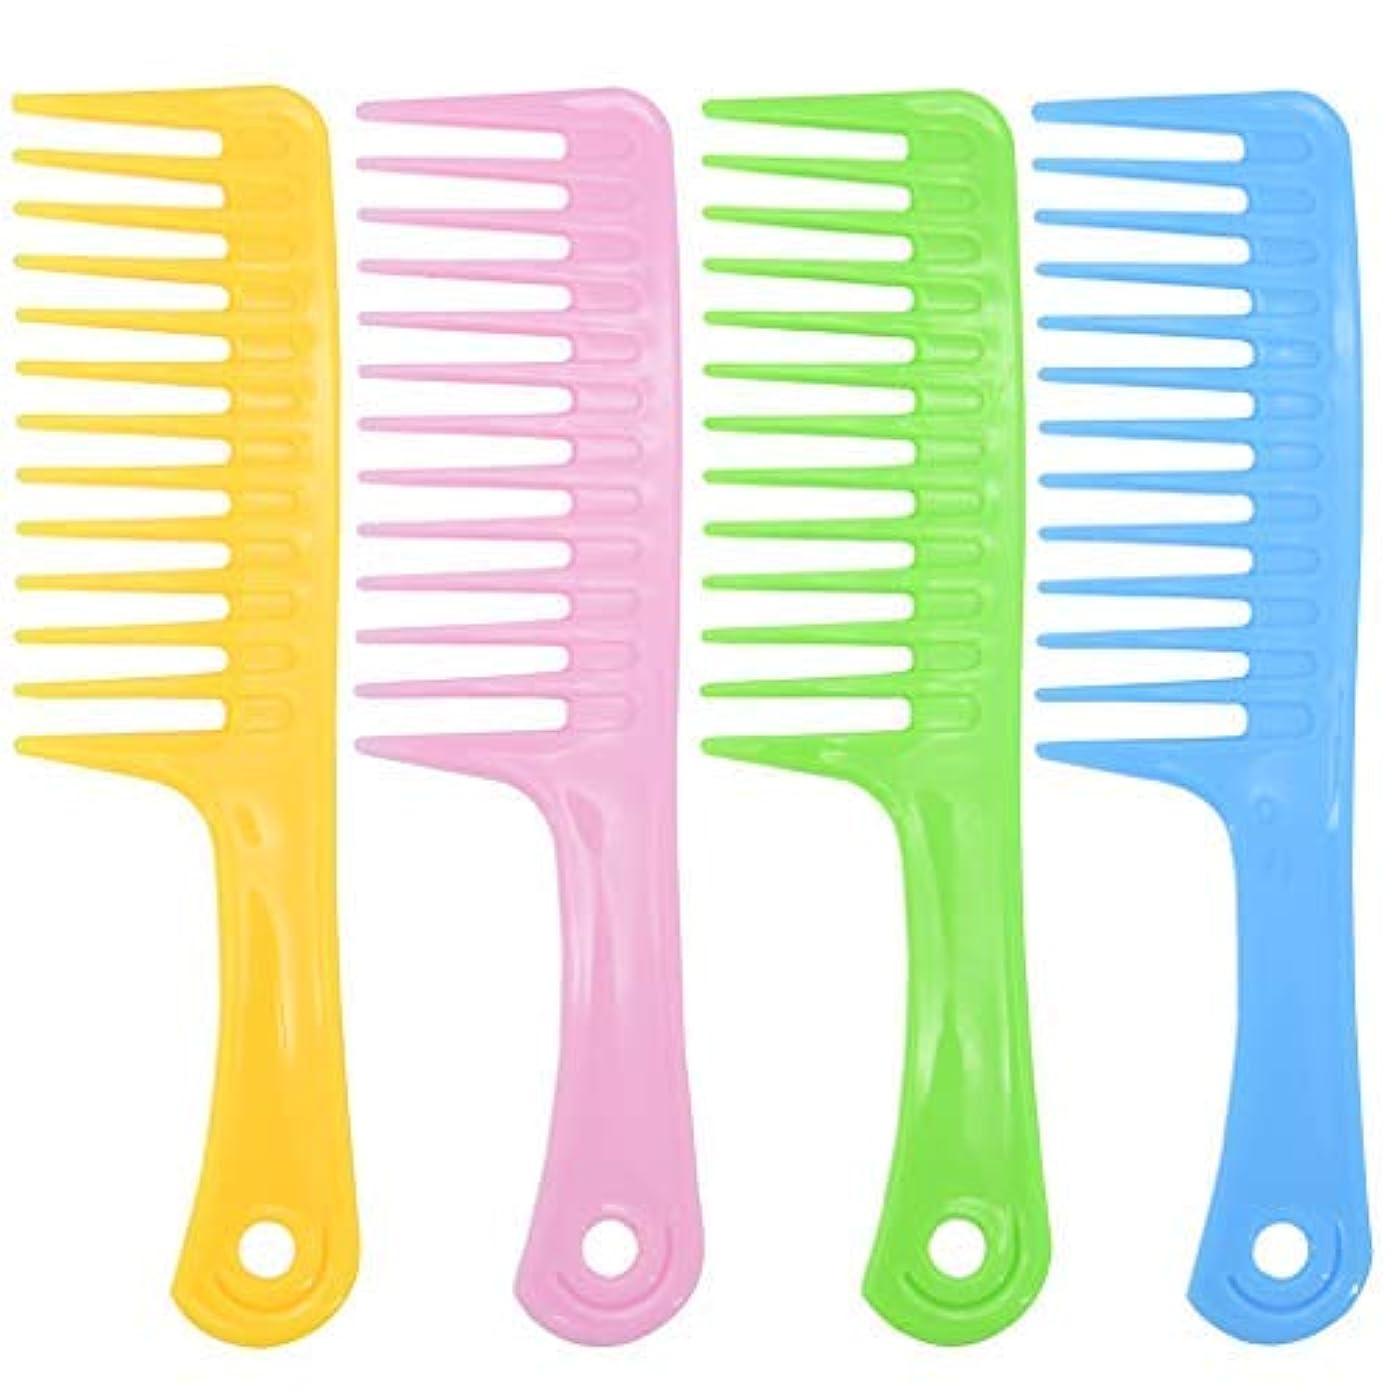 エッセンスアパル風味Ancefine 8 Pieces Large Tooth Detangle Comb Anti-static Wide Hair Salon Shampoo Comb for Thick,Long and Curl Hair...